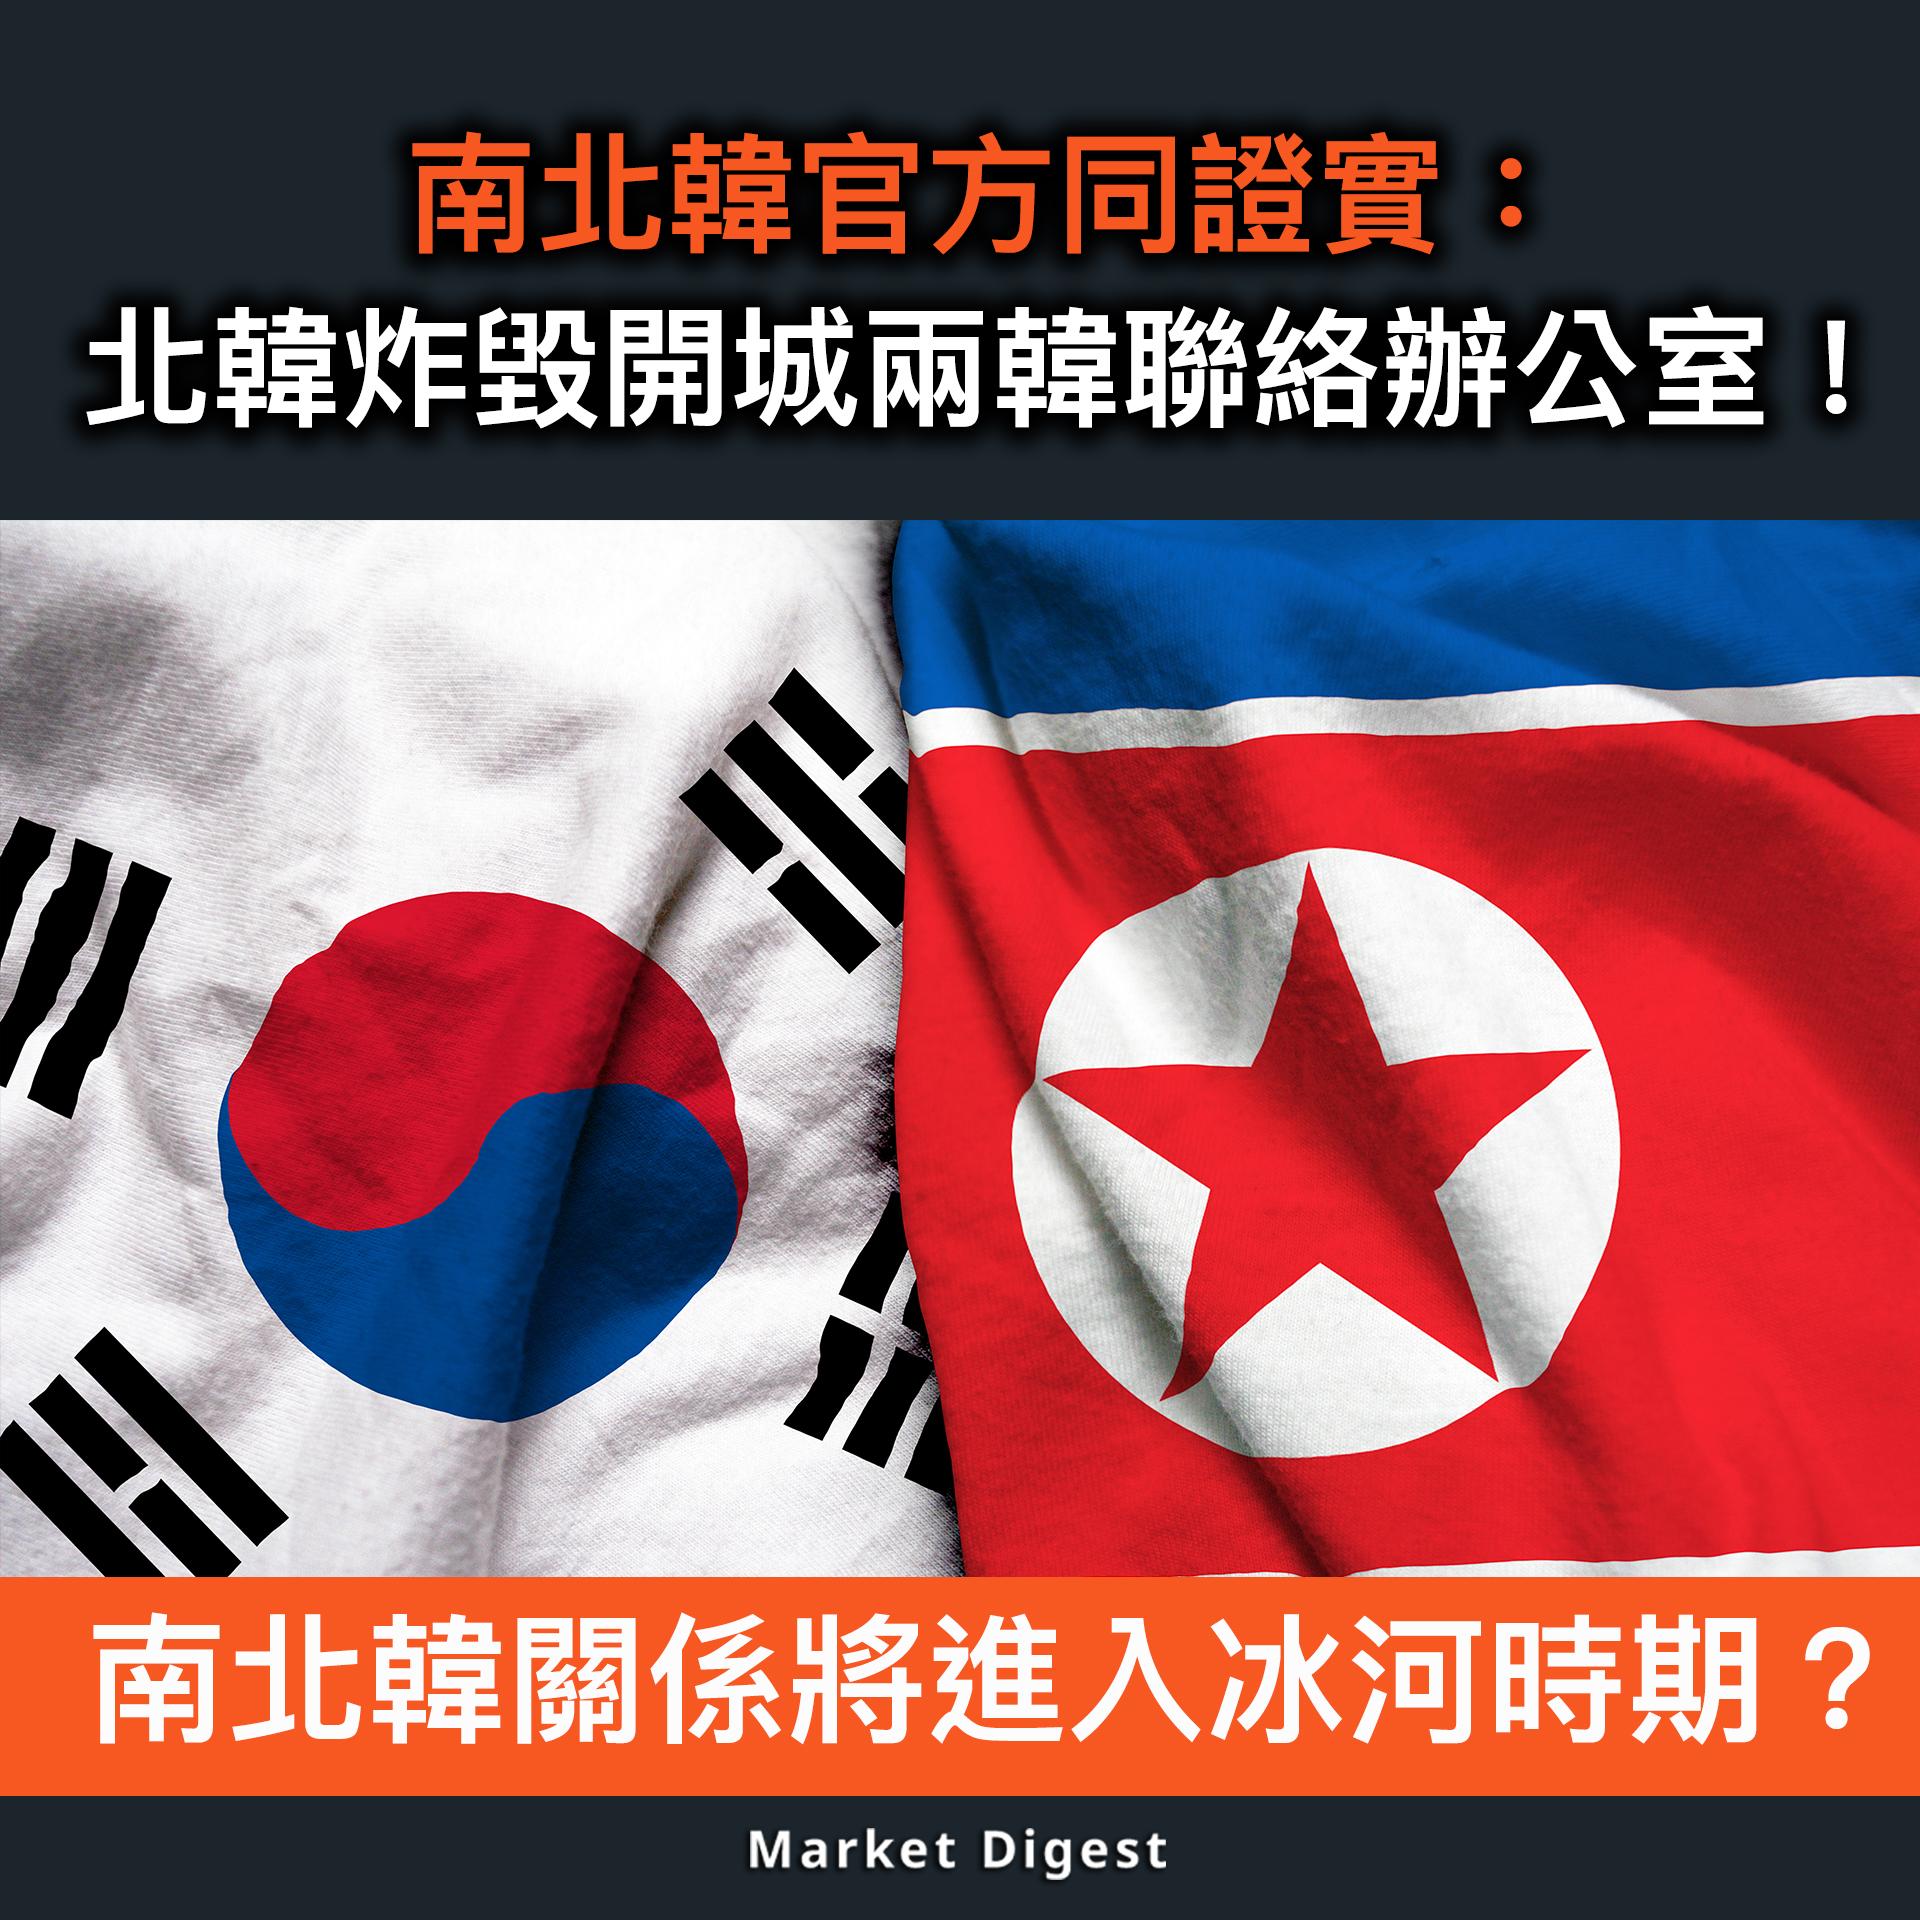 【市場熱話】南北韓官方證實:北韓炸毀開城兩韓聯絡辦公室